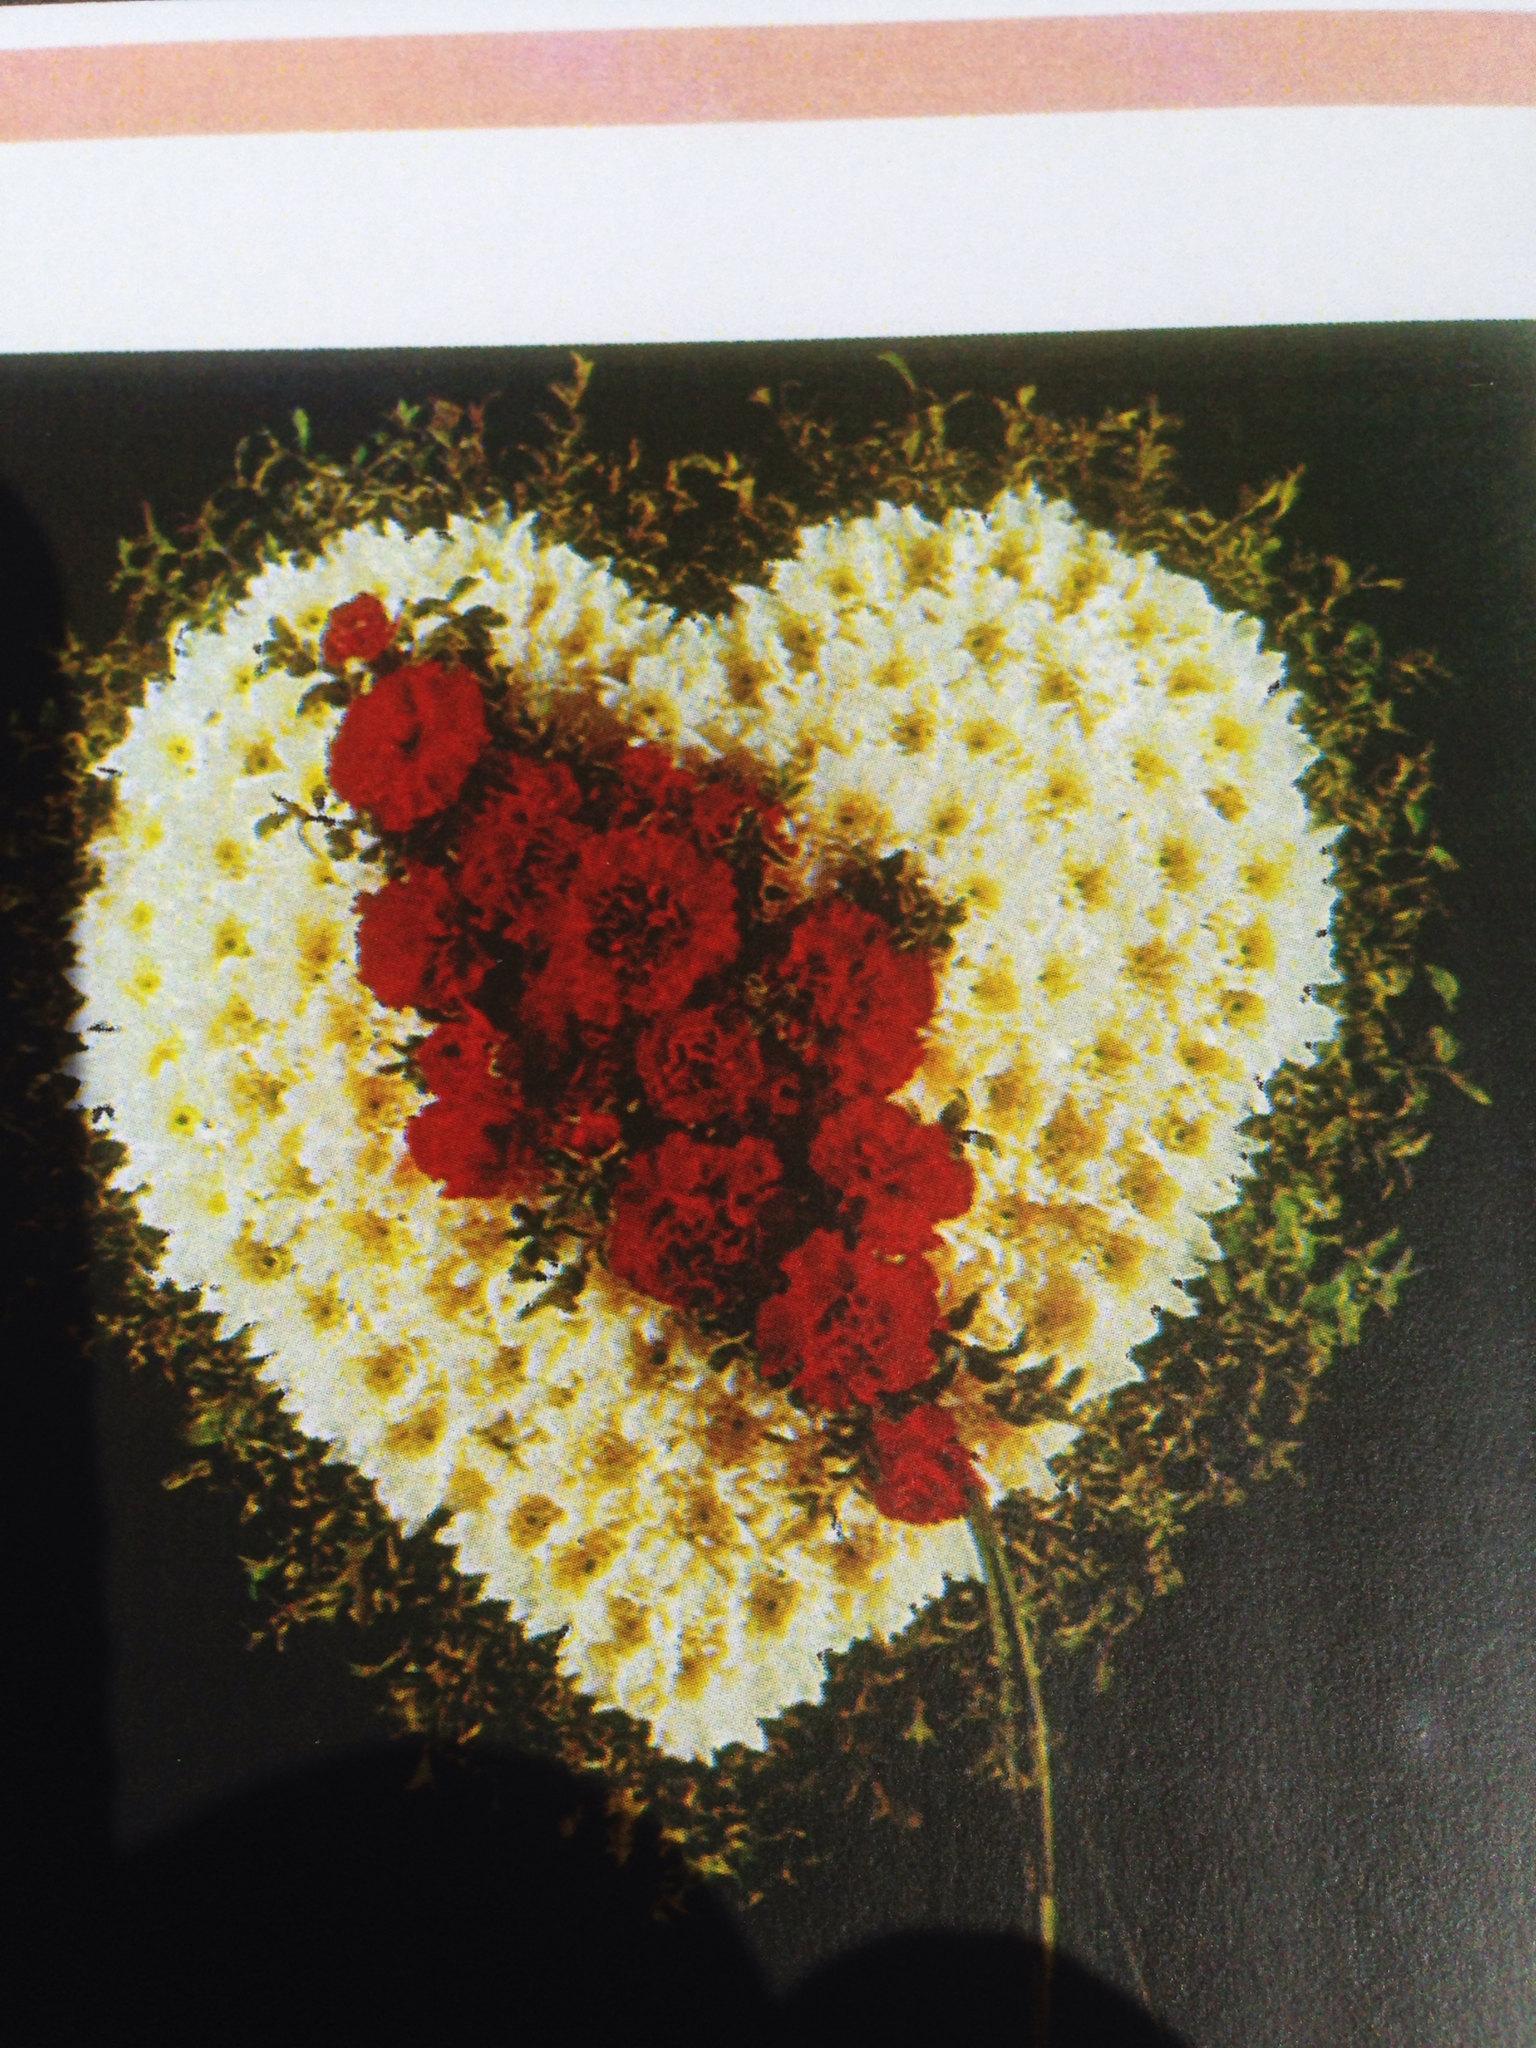 Farah florist. F-sp-2.        $280-350 Heart